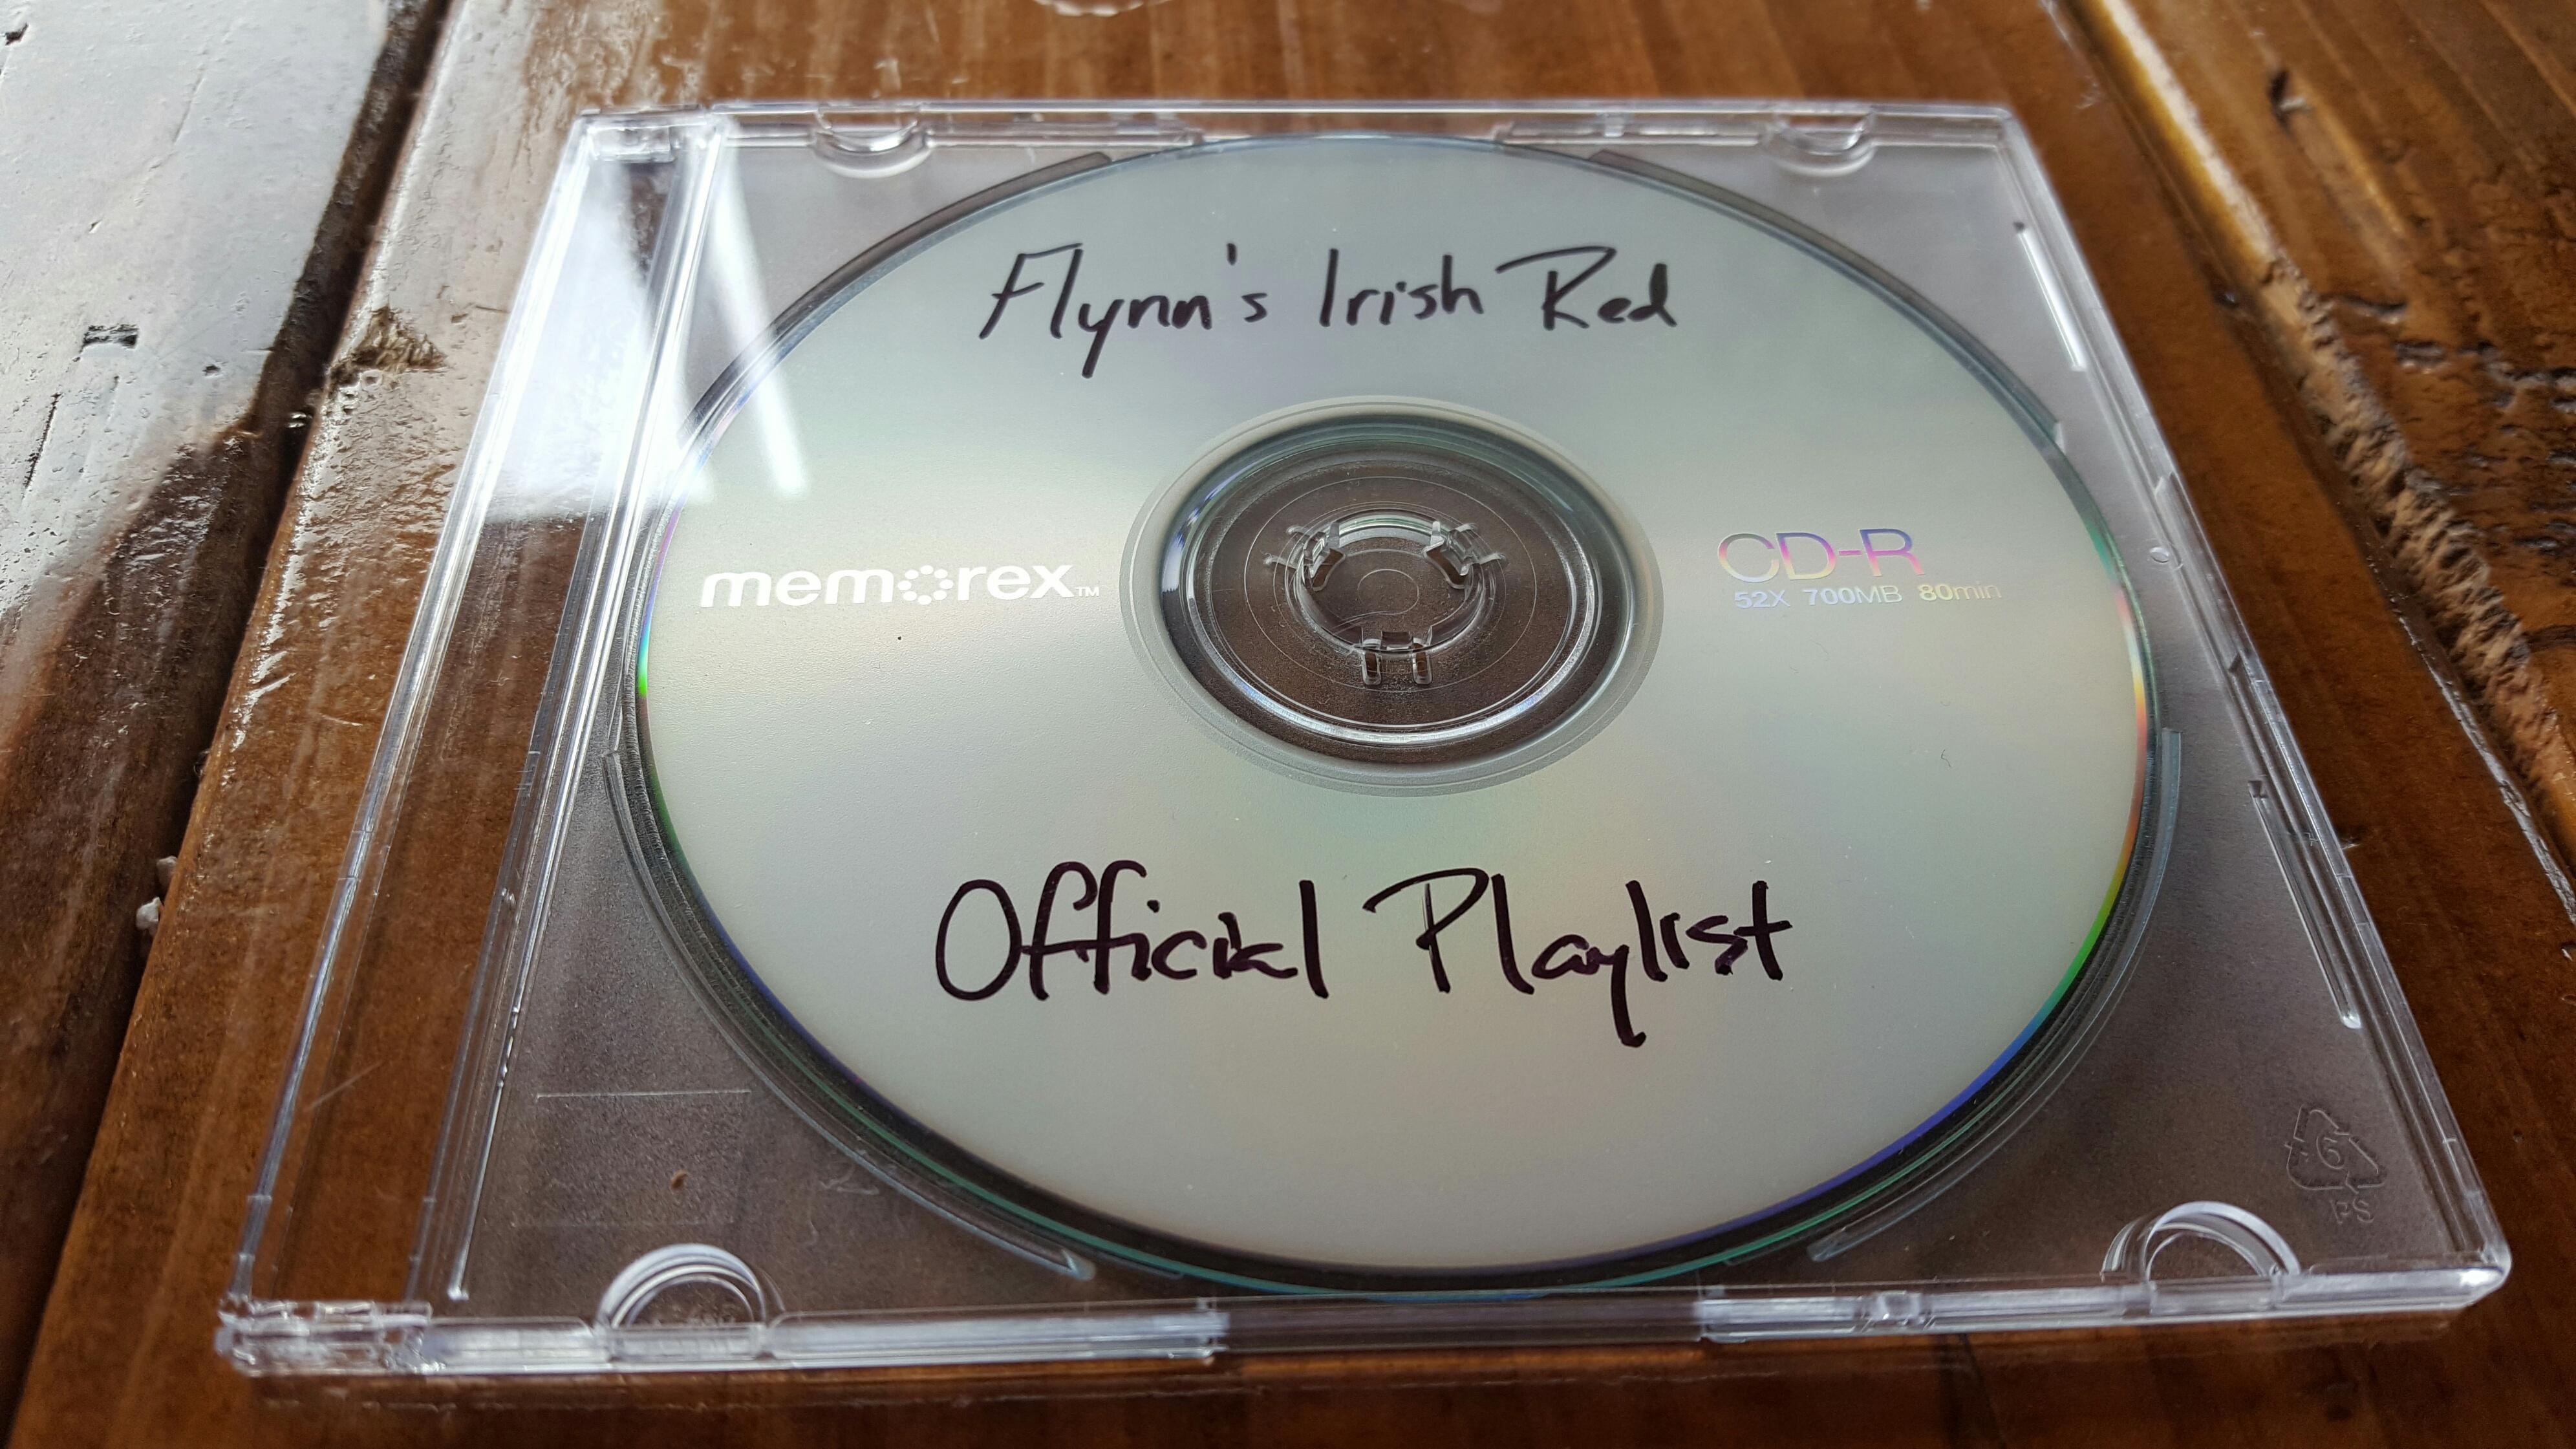 Flynn's soundtrack